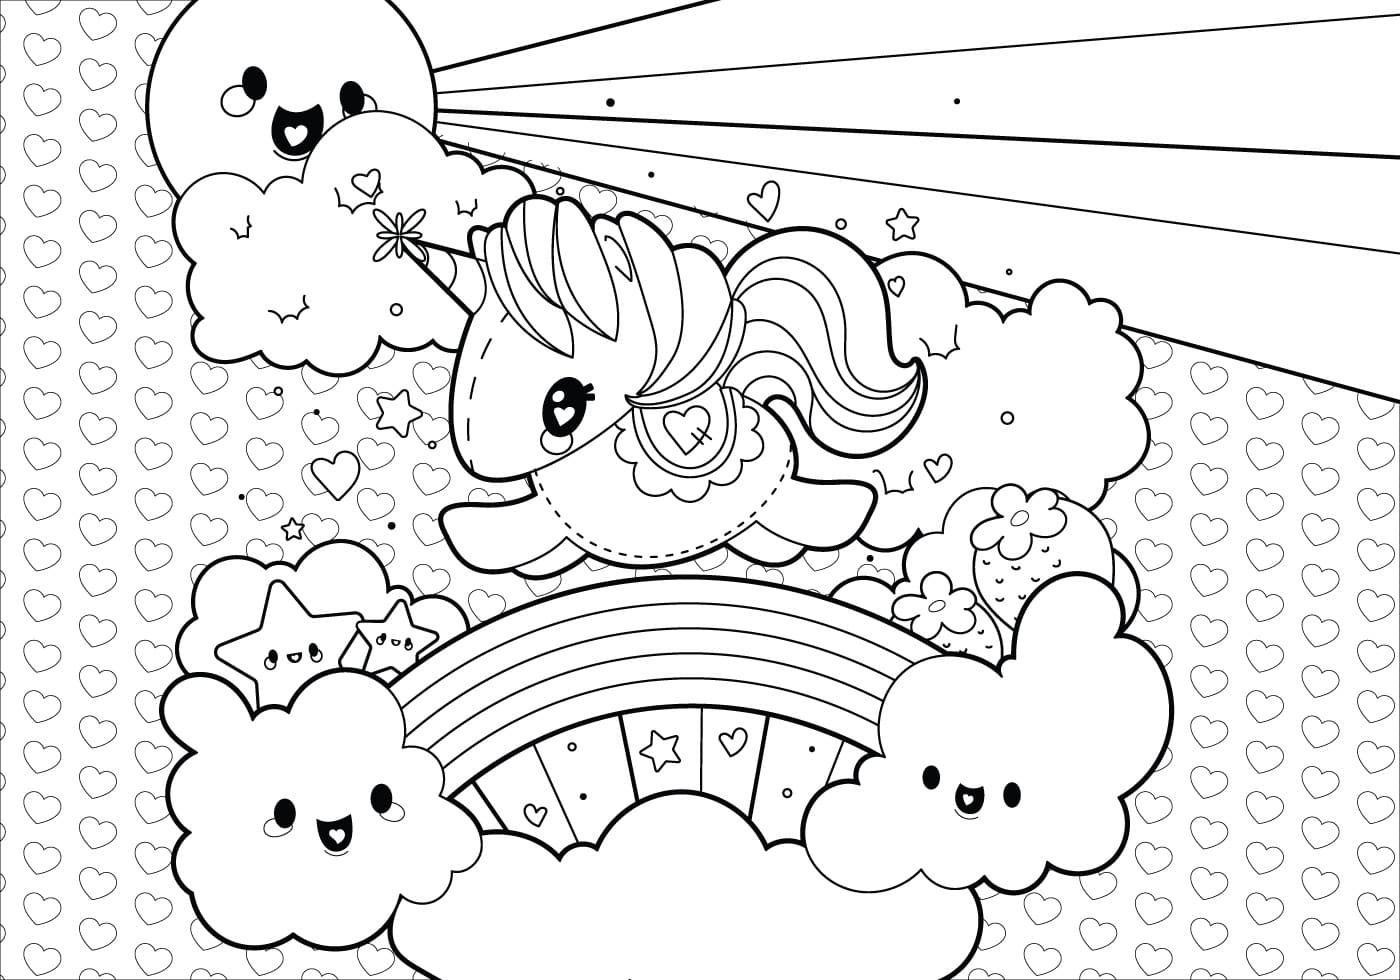 Dibujo De Unicornio Para Colorear Con El Sol Estrellas Nubes Y Arco I Paginas Para Colorear De Navidad Dibujos De Unicornios Paginas Para Colorear Para Ninos